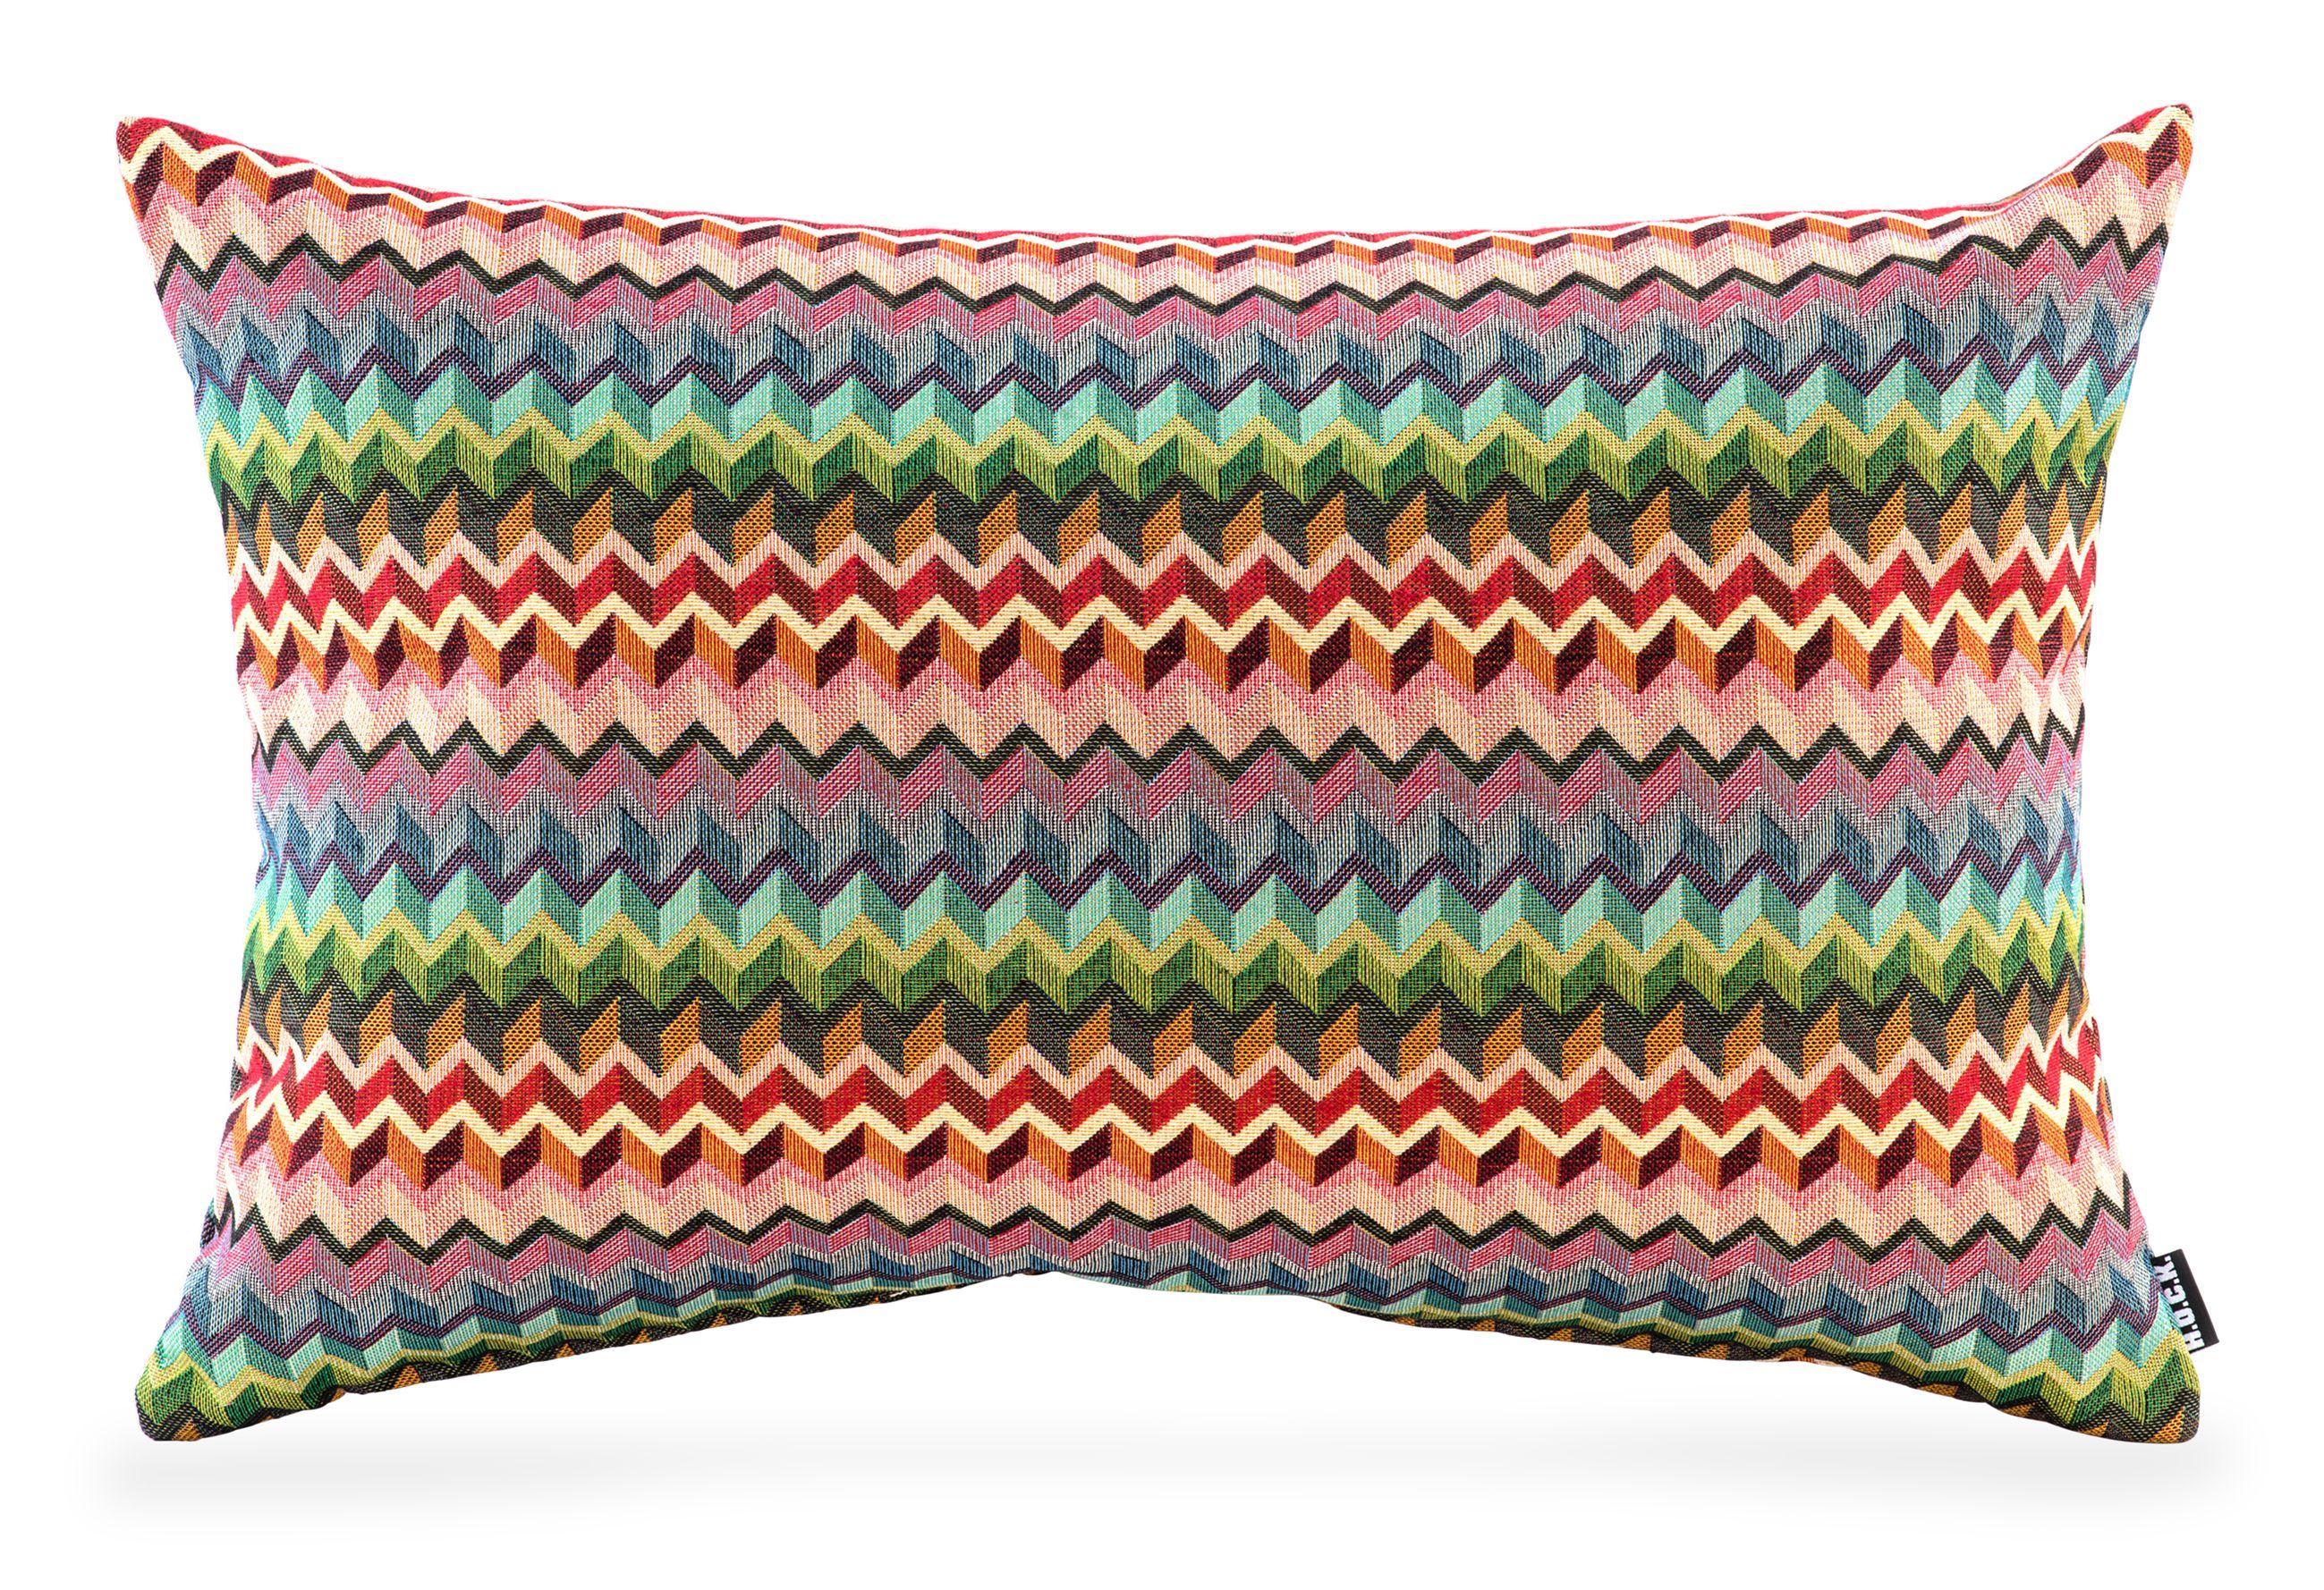 Sila Kissen 60x40cm Bunt Pillow Multicolour Bohemia Chic Vol 2